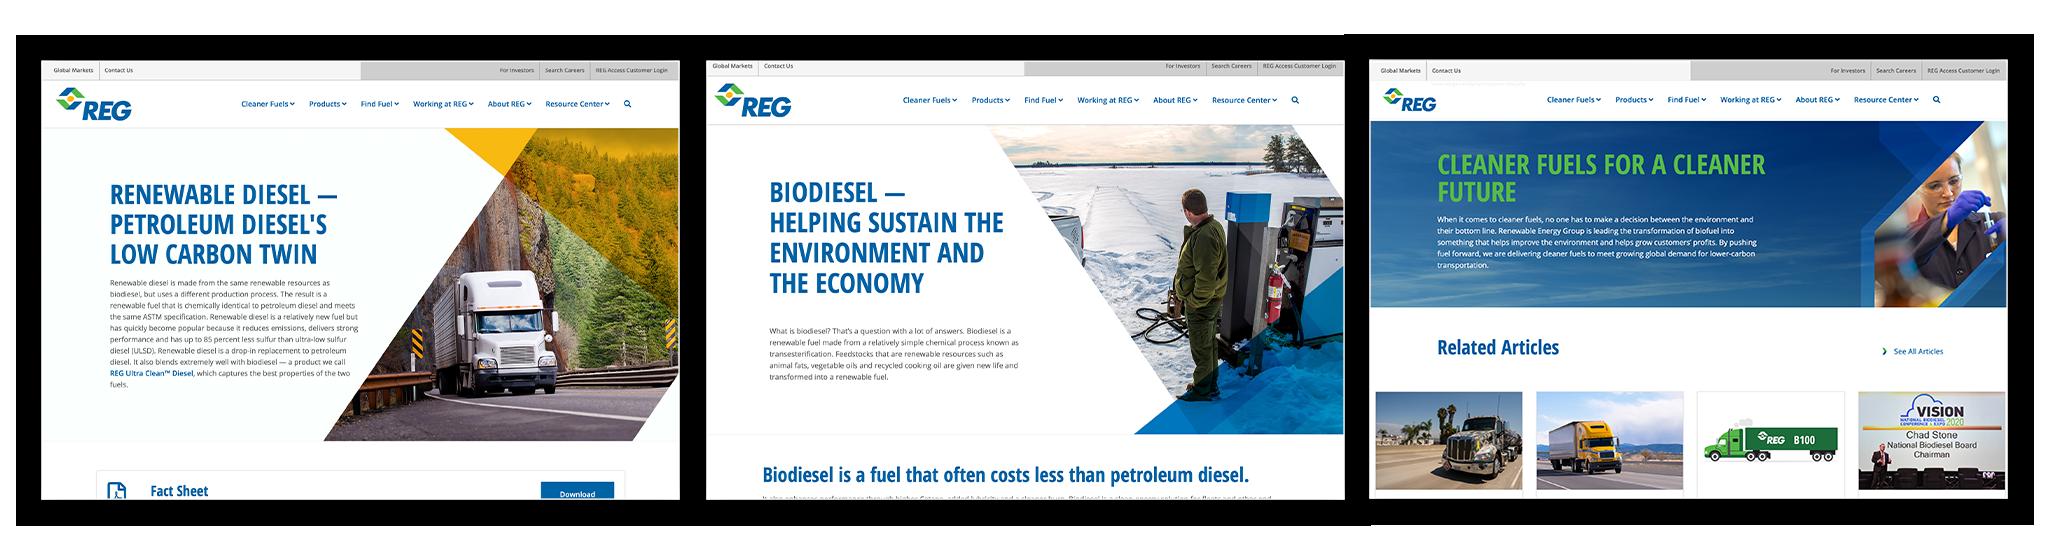 REG Website Screen Captures